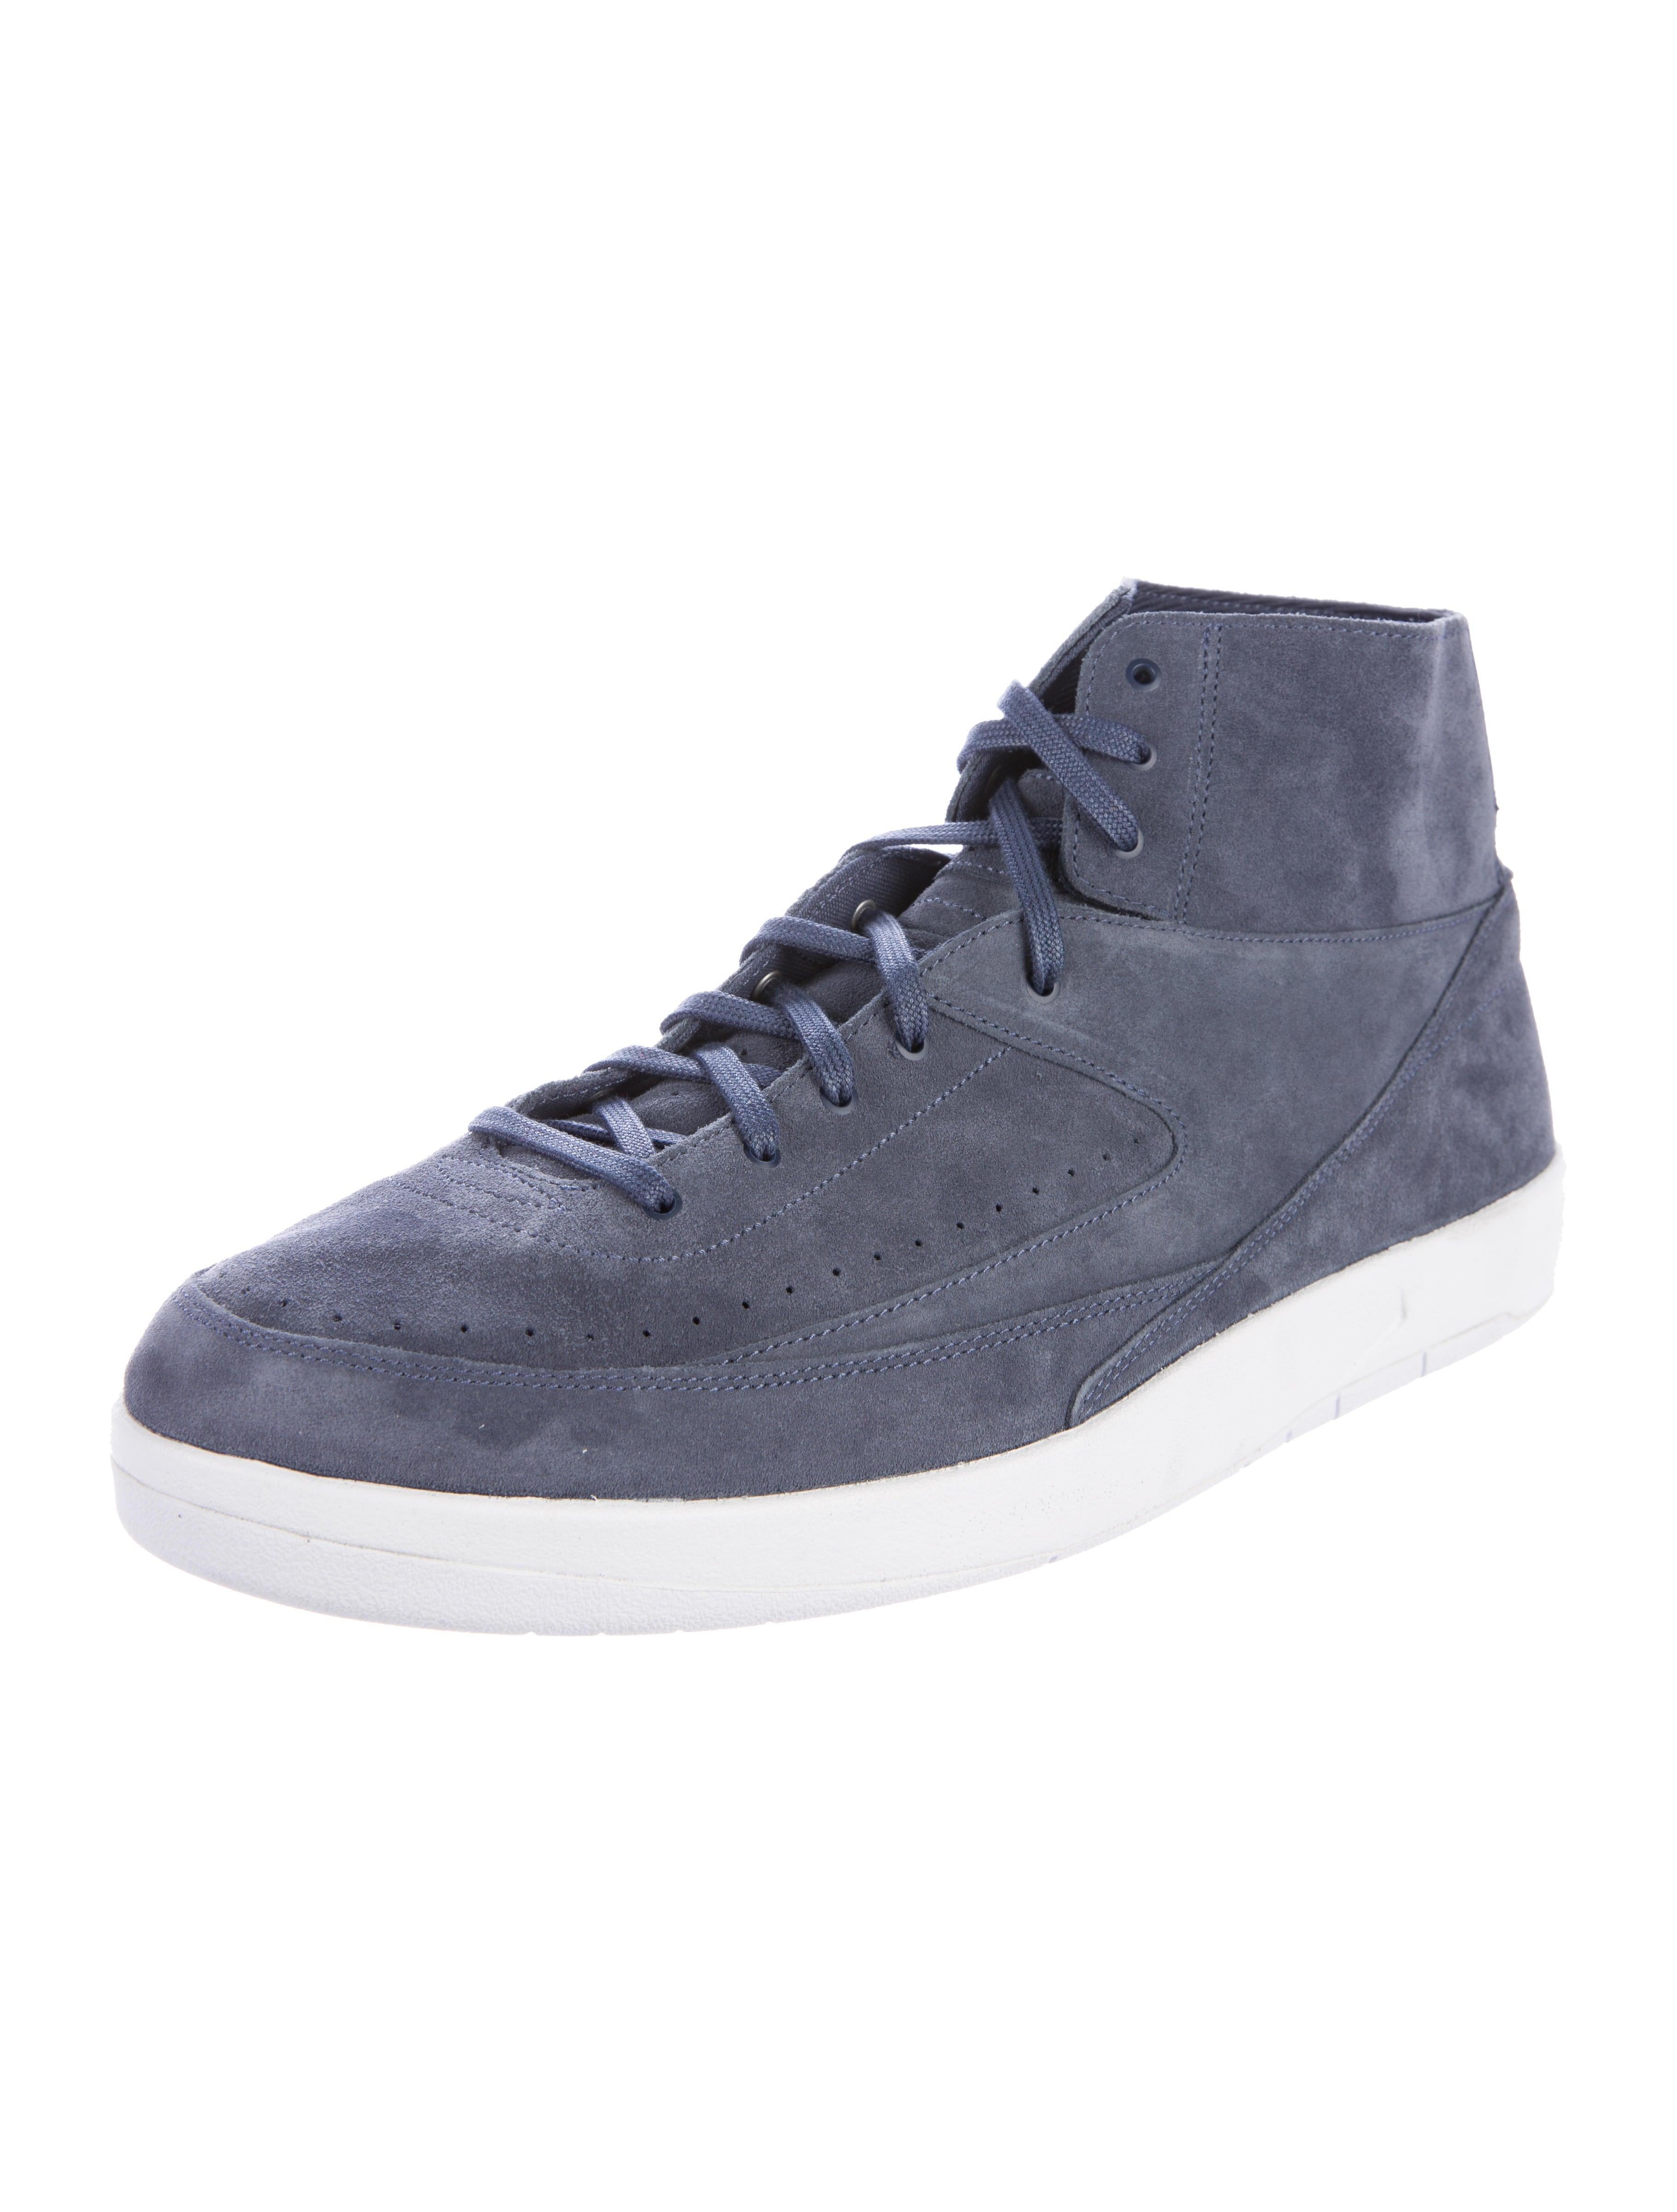 Nike Air Jordan Suede High Top Sneakers Shoes